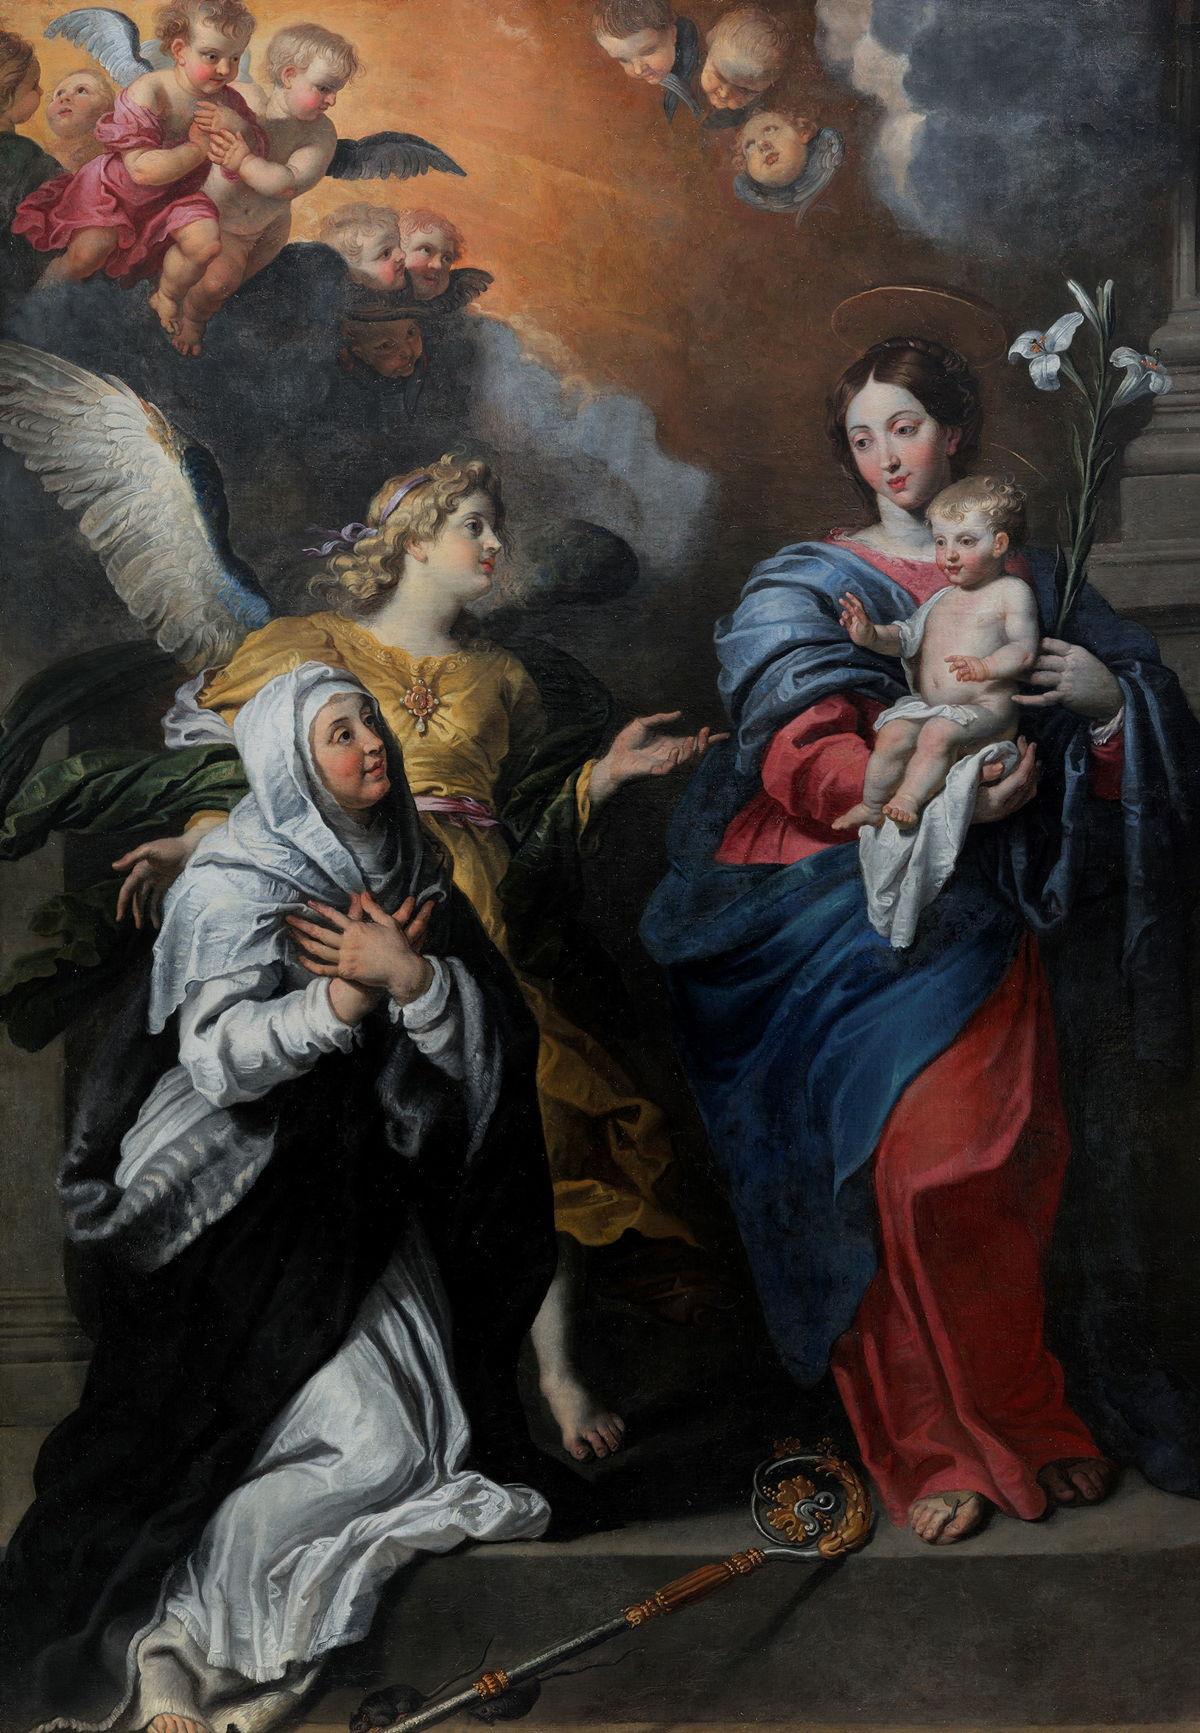 Gerard Seghers, Het Visioen van de heilige Gertrudis, 1625, collectie Kasteel van Gaasbeek, foto Jo Exelmans